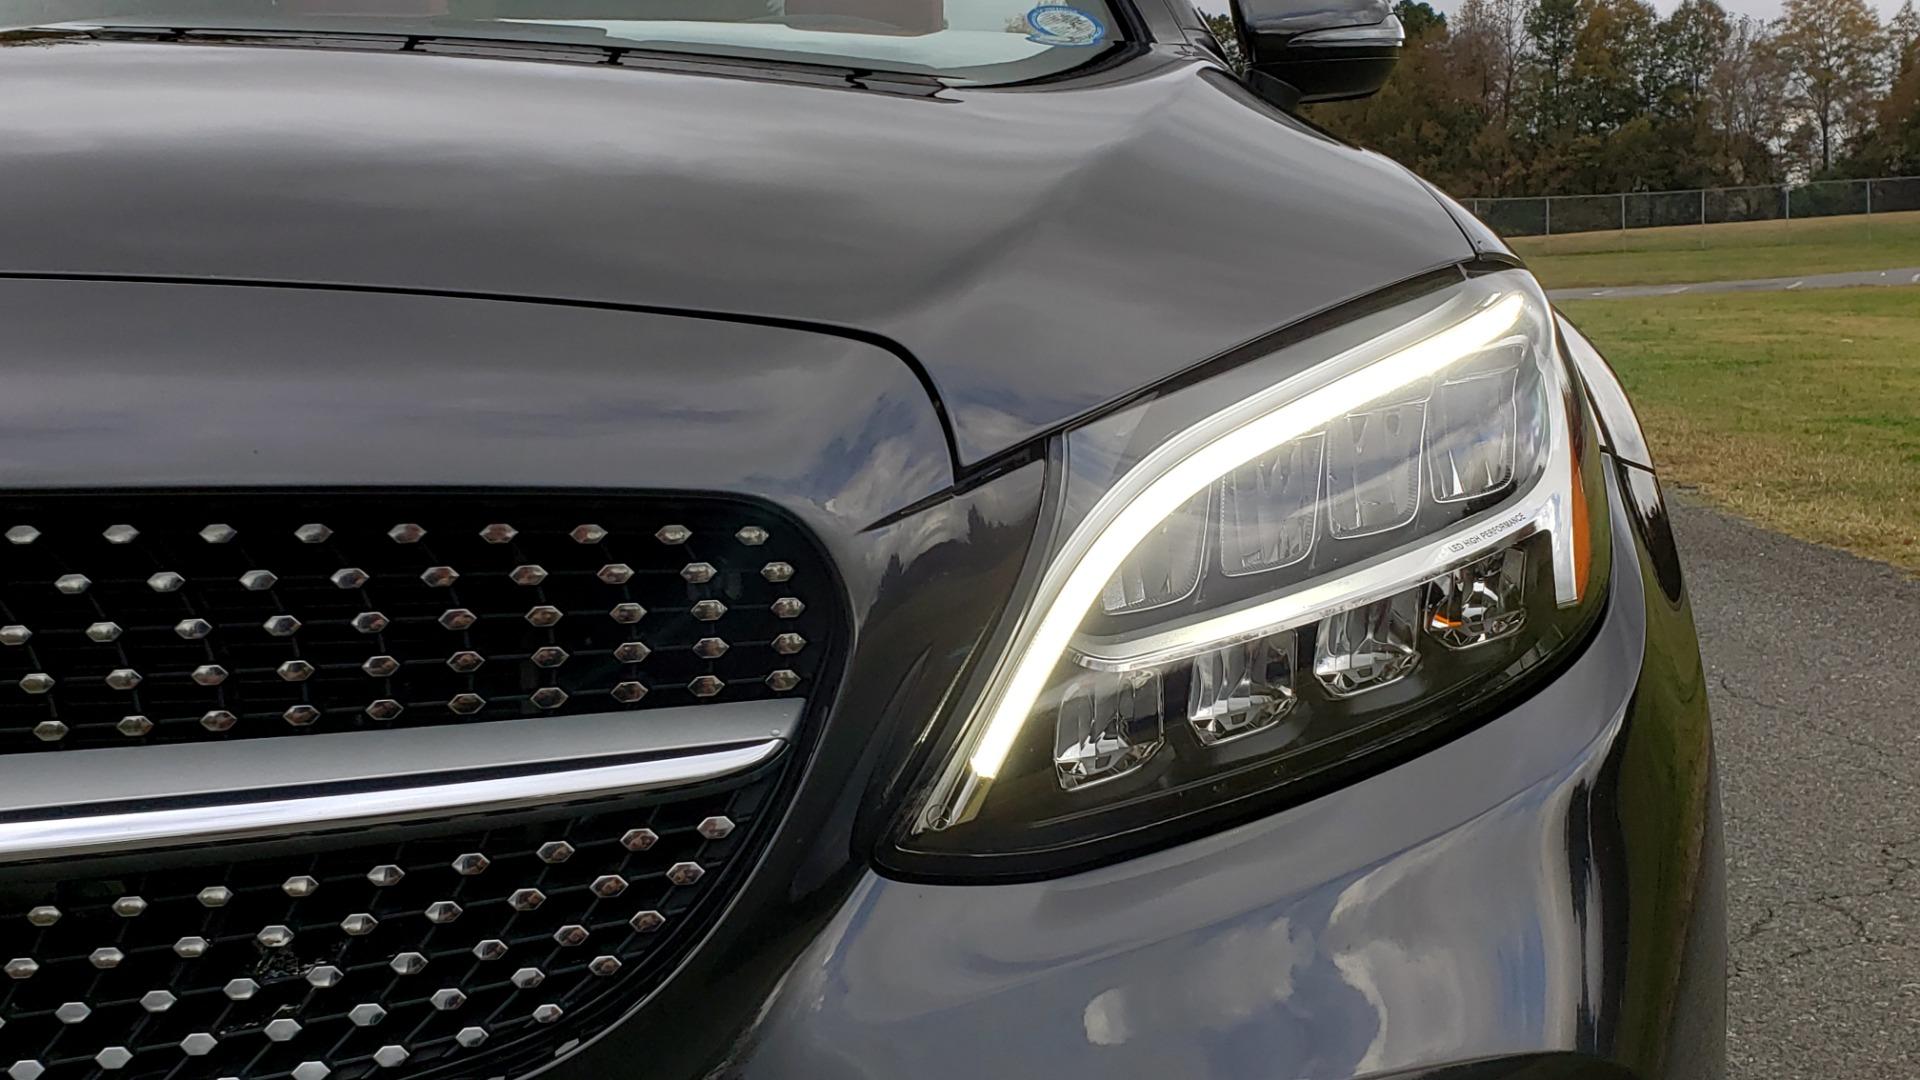 Used 2019 Mercedes-Benz C-CLASS C 300 CABRIOLET / PREM PKG / NAV / BURMESTER / MULTIMEDIA for sale $49,995 at Formula Imports in Charlotte NC 28227 17